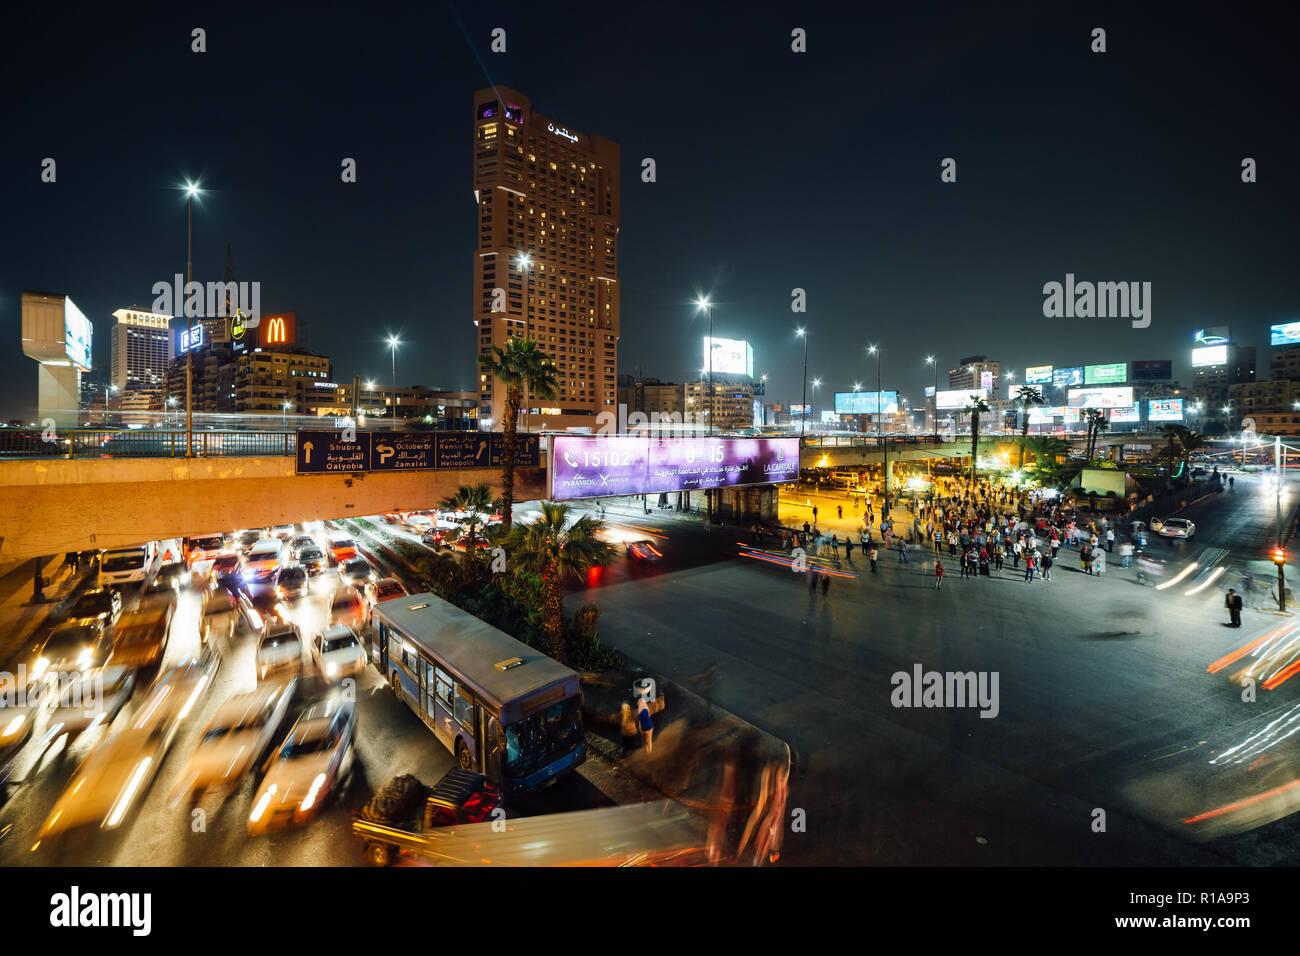 El Cairo, Egipto - Noviembre 8, 2018: El concurrido Abdel Munim Riad square y la estación de autobús en el centro de El Cairo en la noche. Foto de stock